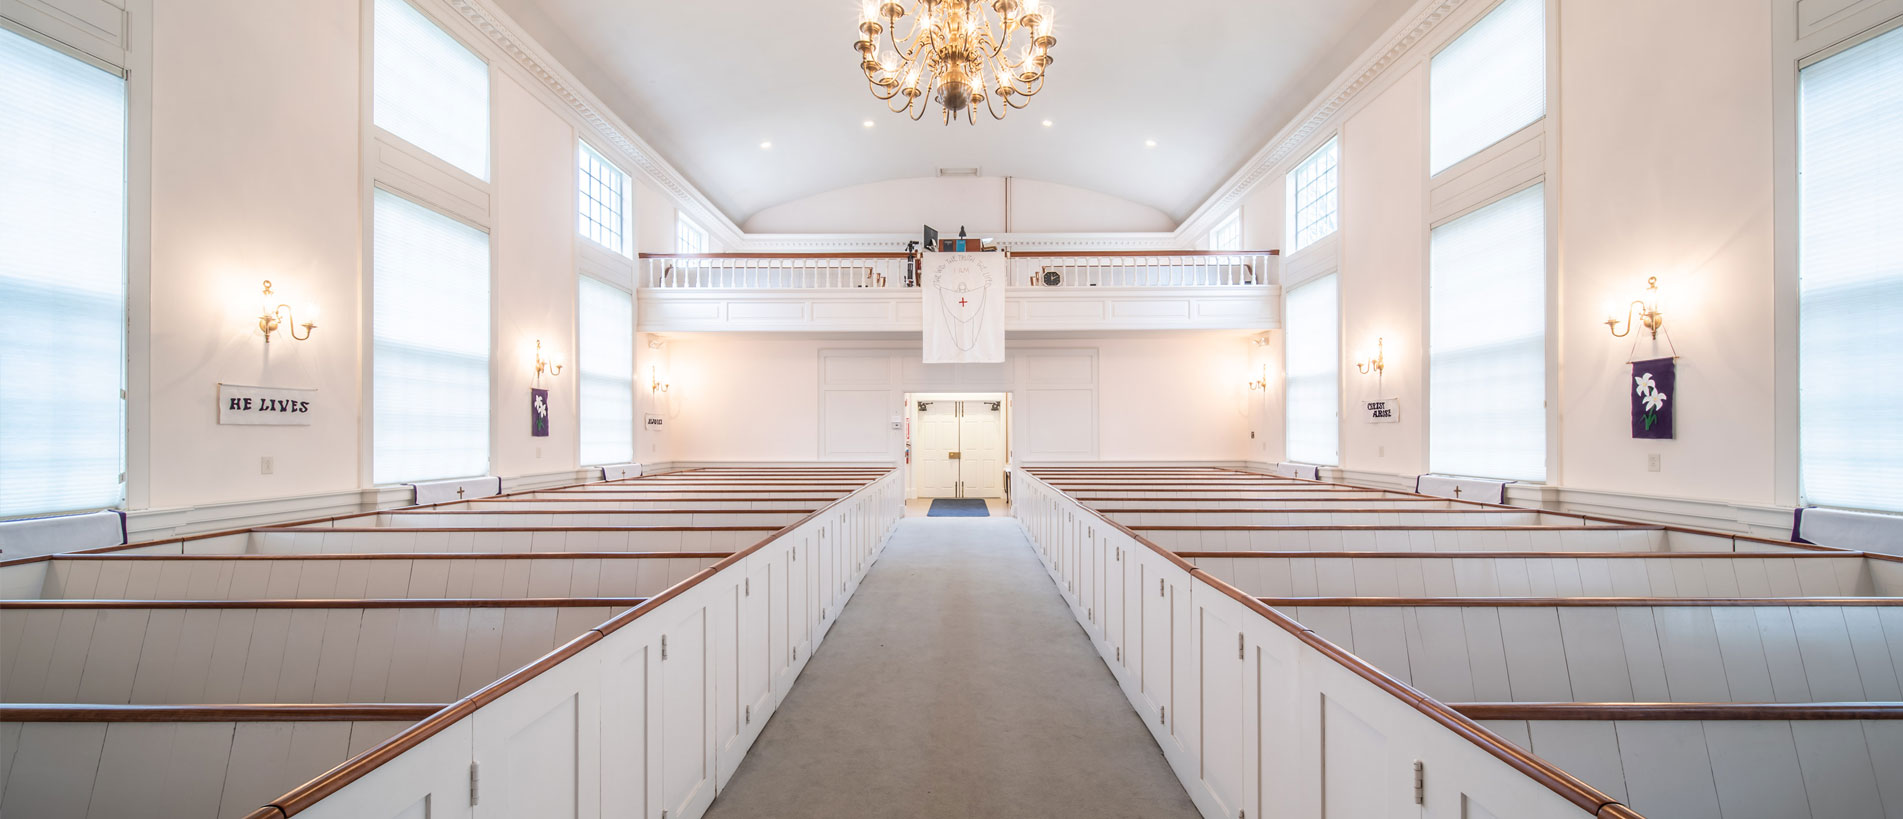 Bakerville Church Sanctuary Pews